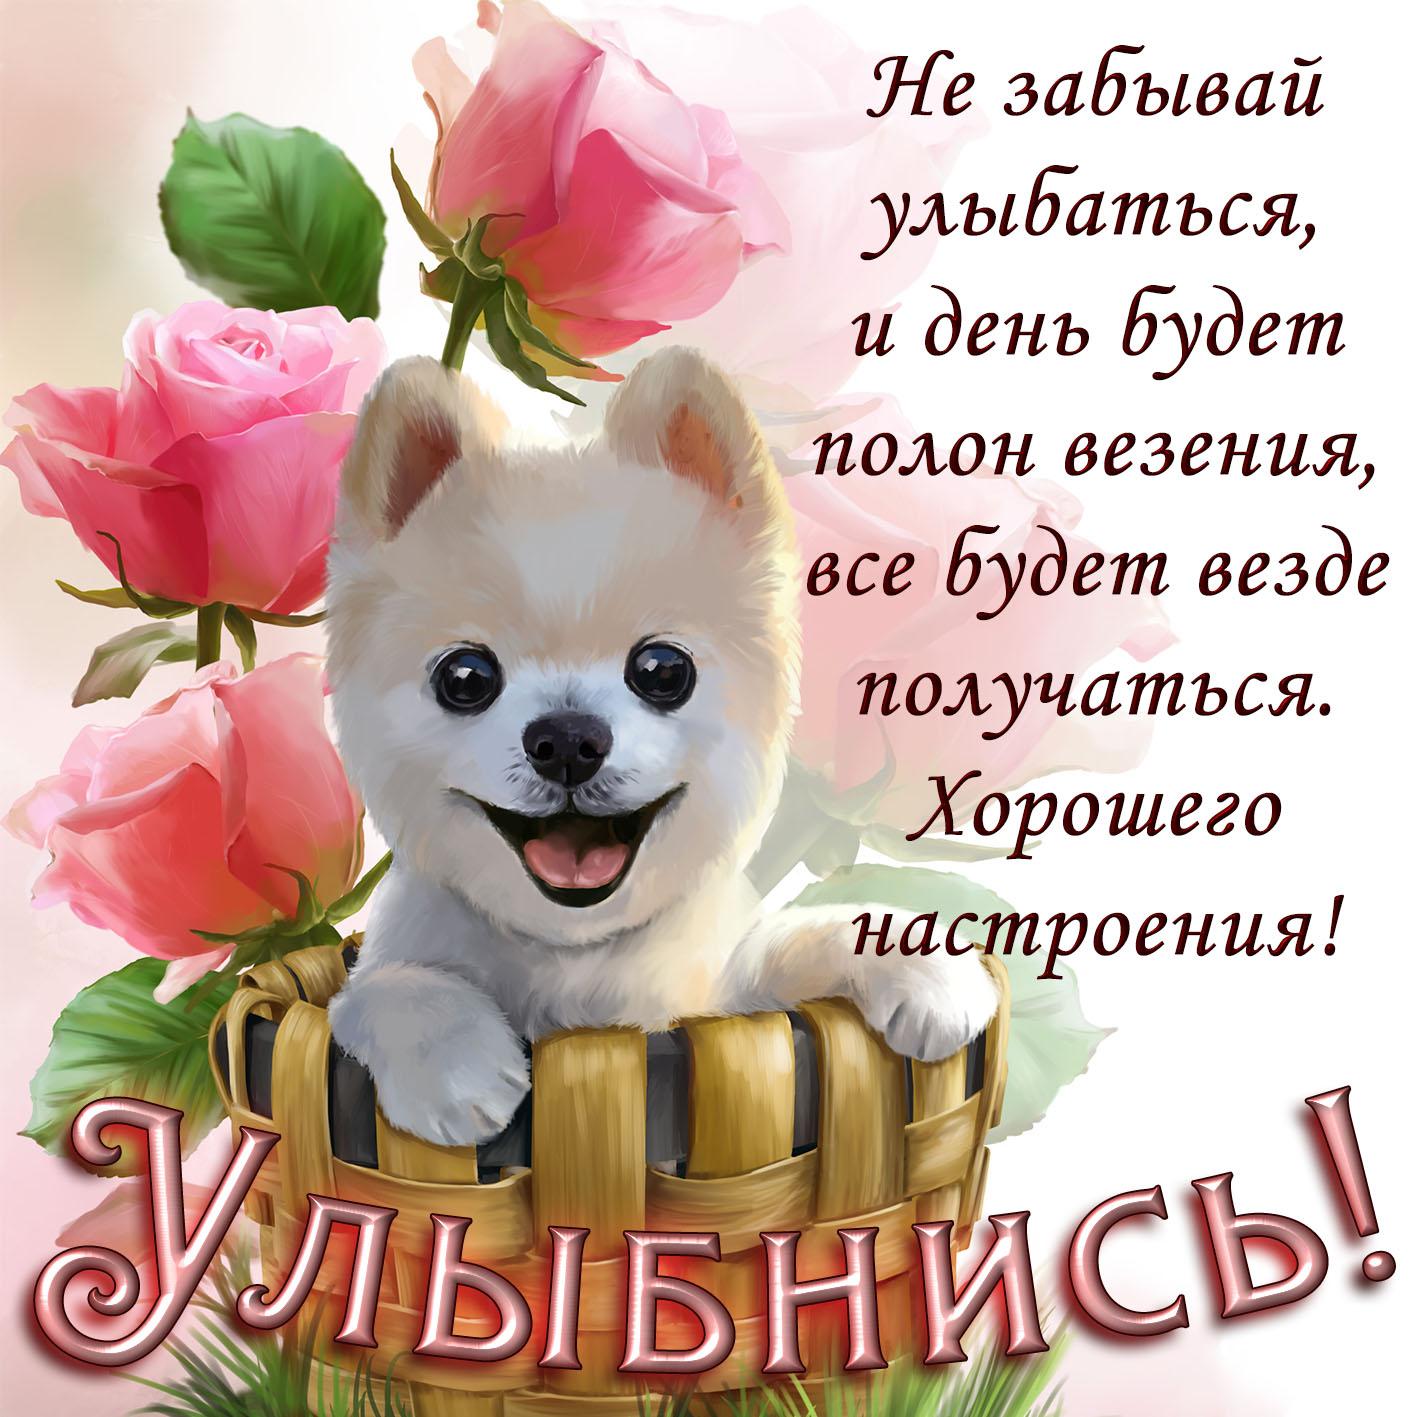 Картинка с собачкой и напоминанием улыбаться